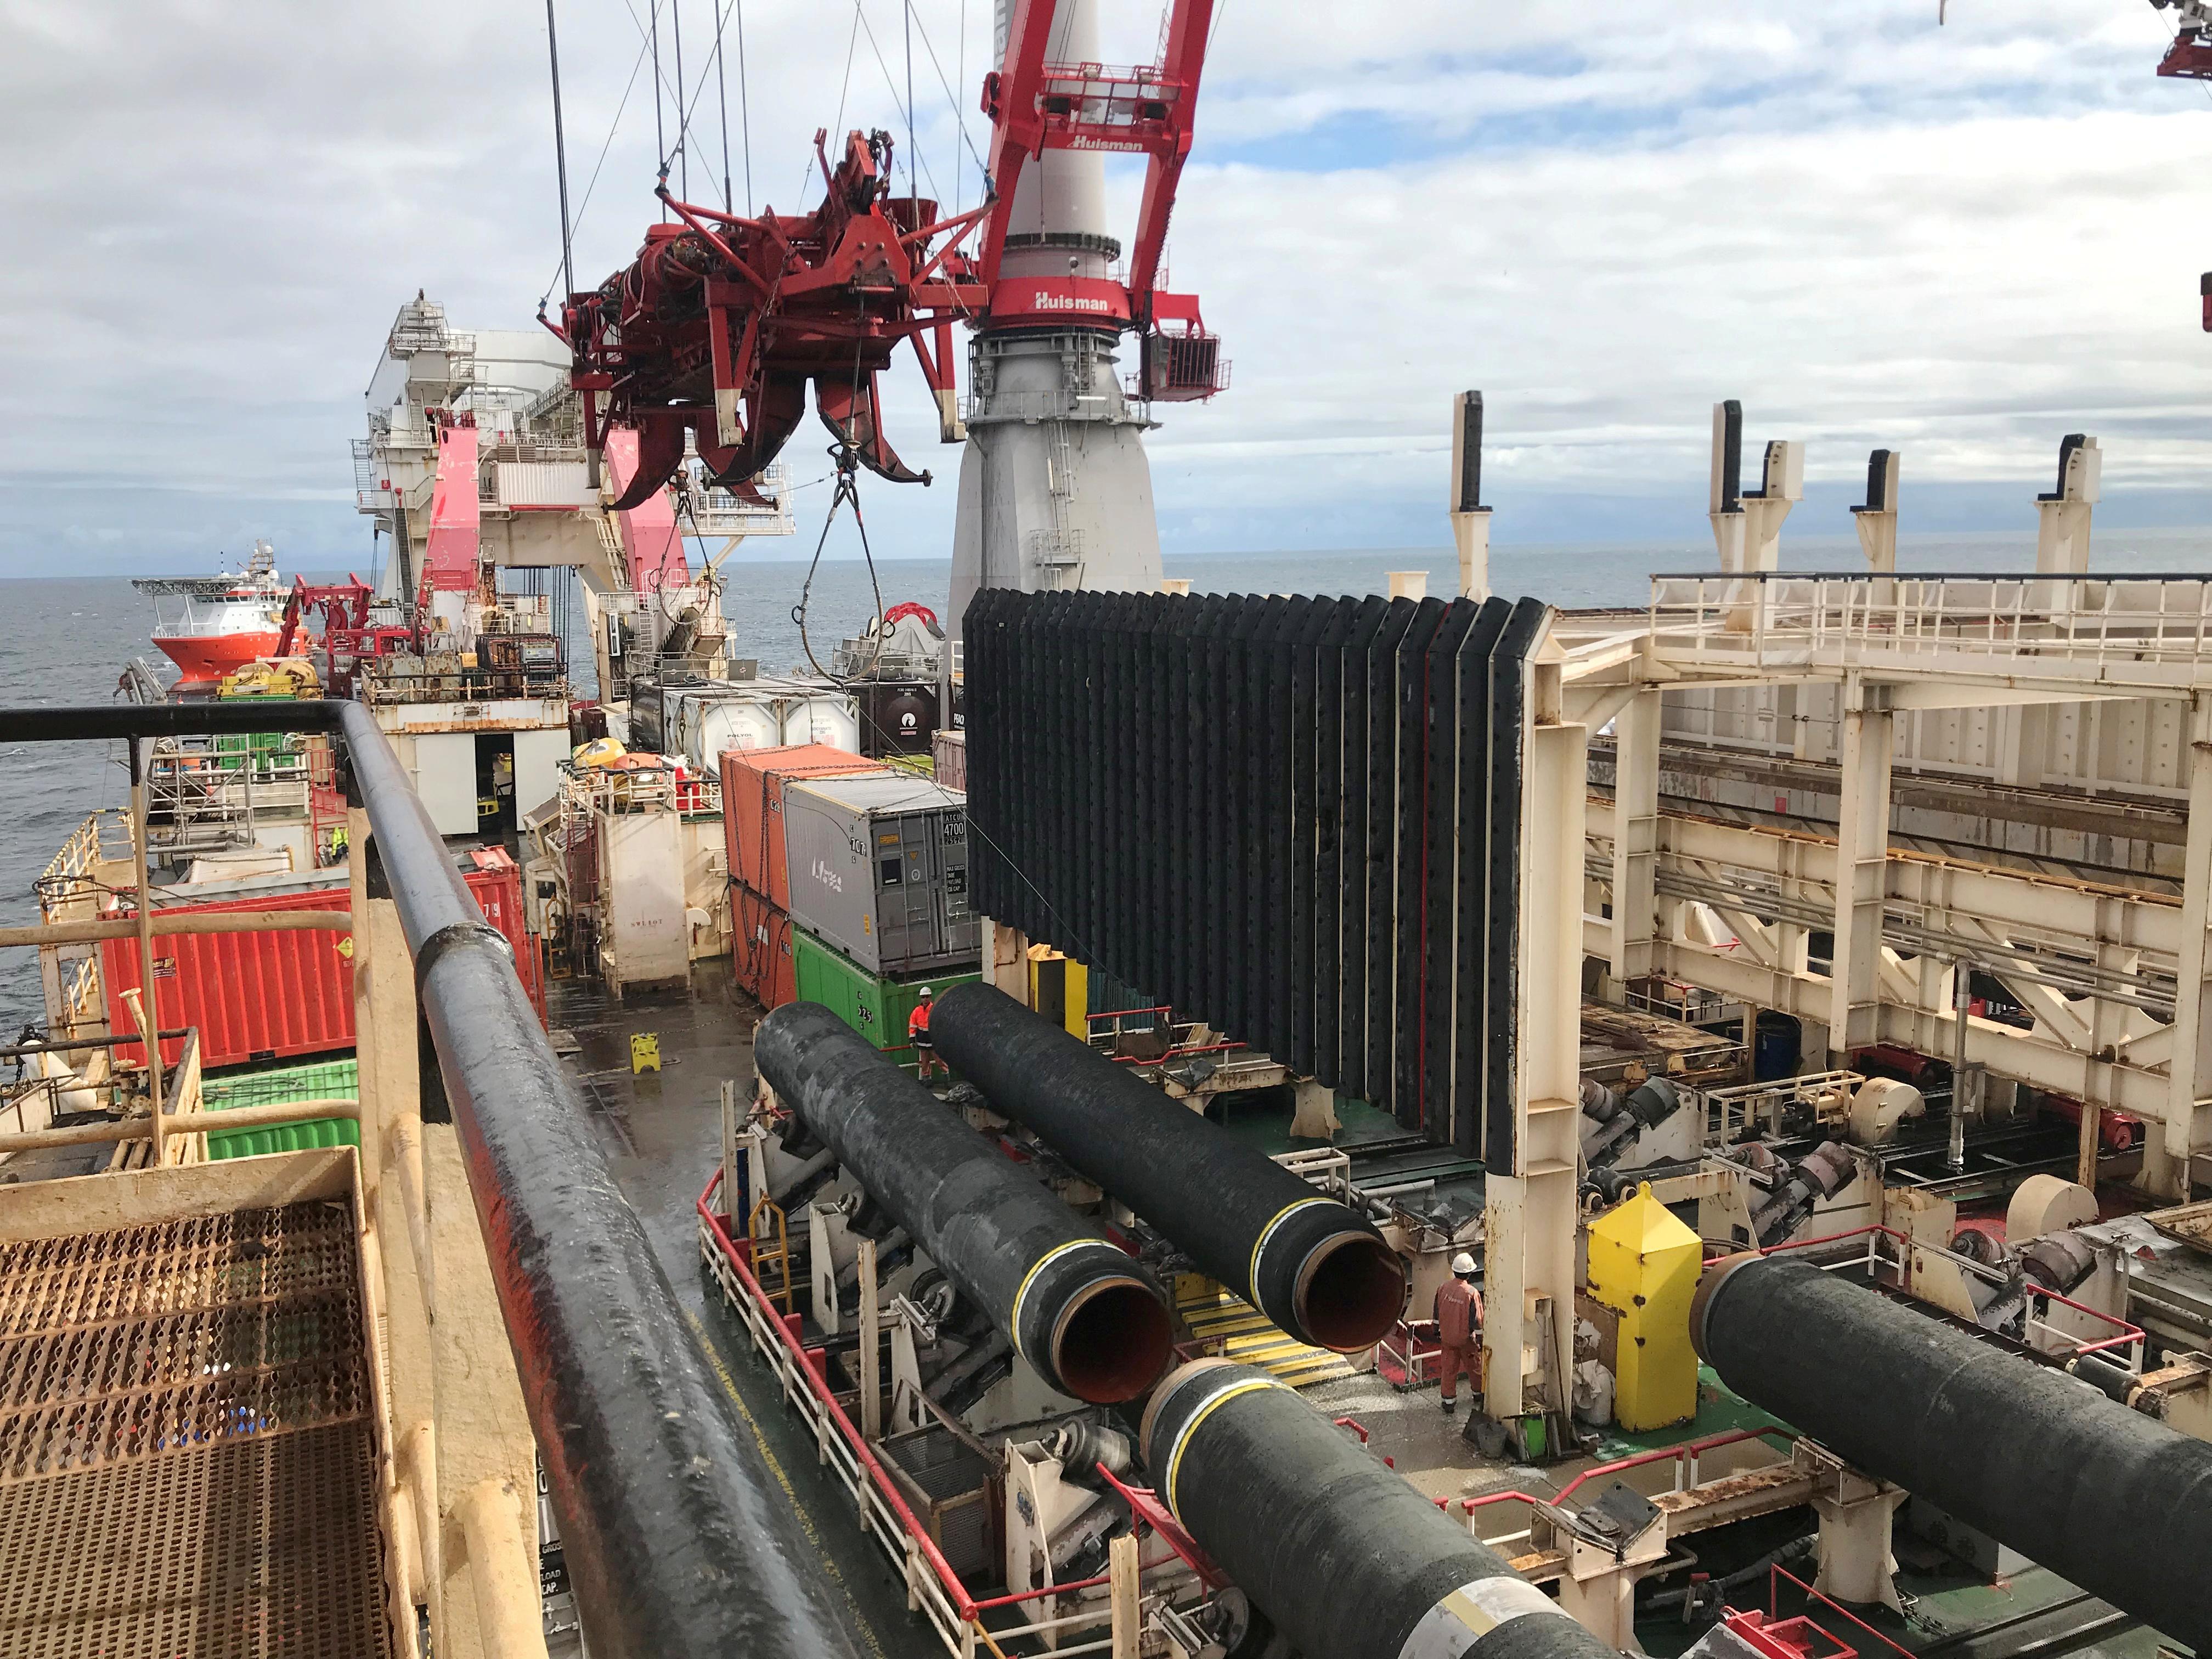 Ρωσία: Δεσμεύσεις για ολοκλήρωση του αγωγού Nord Stream 2 παρά τις πιέσεις των ΗΠΑ